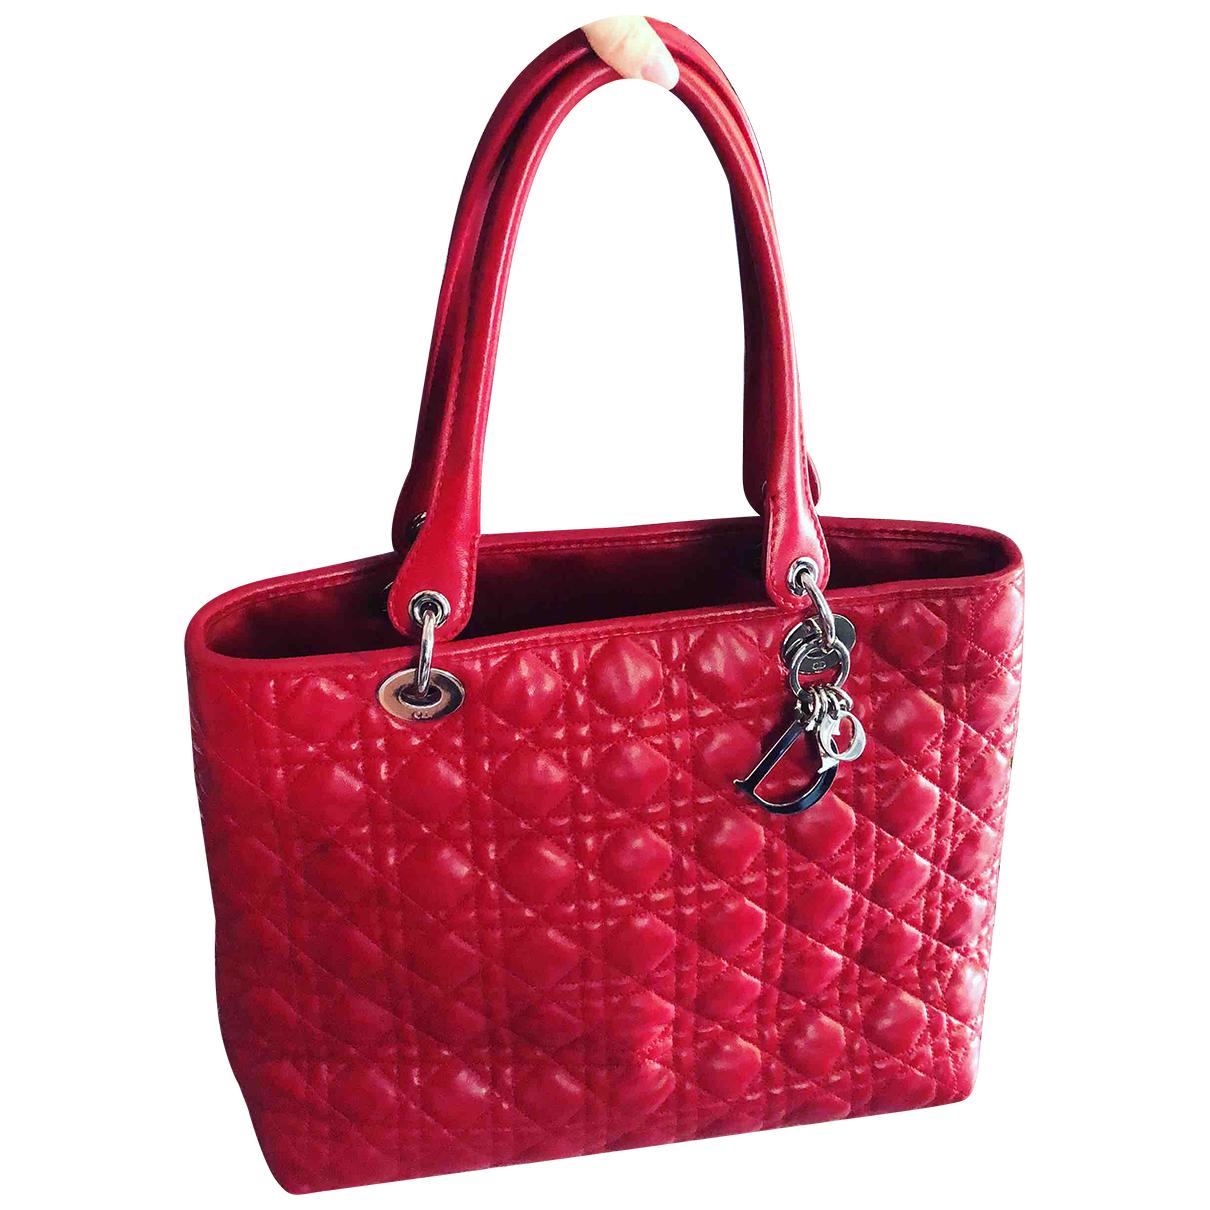 Dior - Sac a main Dior Soft Shopping pour femme en cuir - rouge